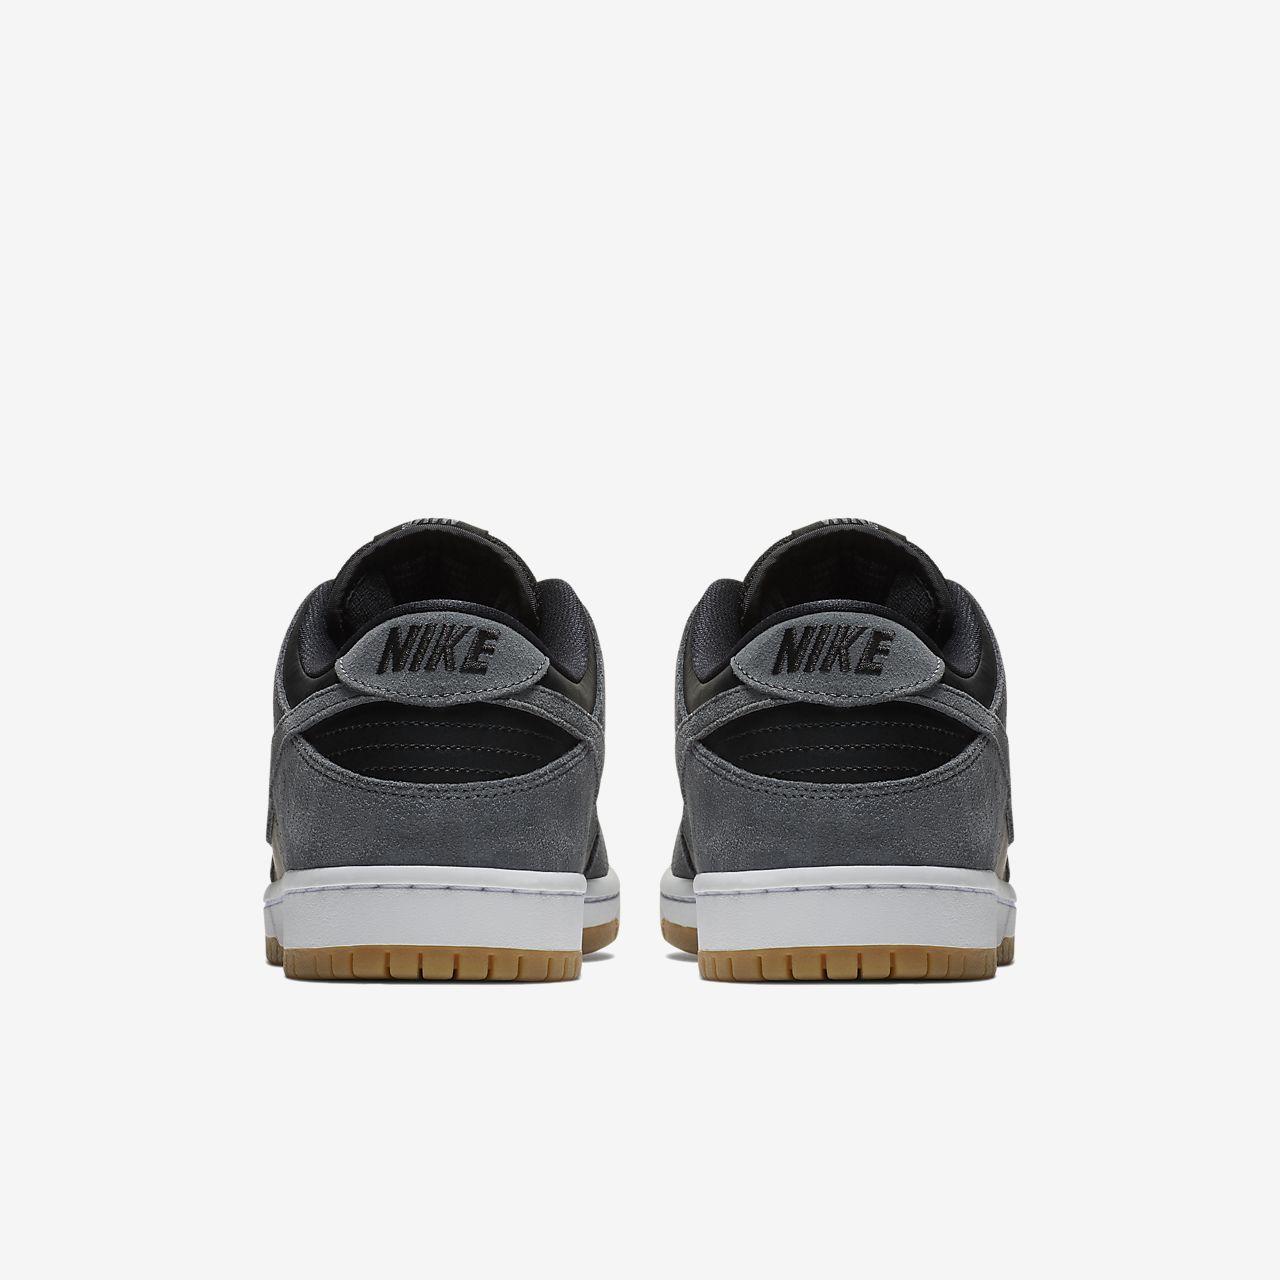 detailing c9a4d 9dbce ... Calzado de skateboarding para hombre Nike SB Dunk Low TRD